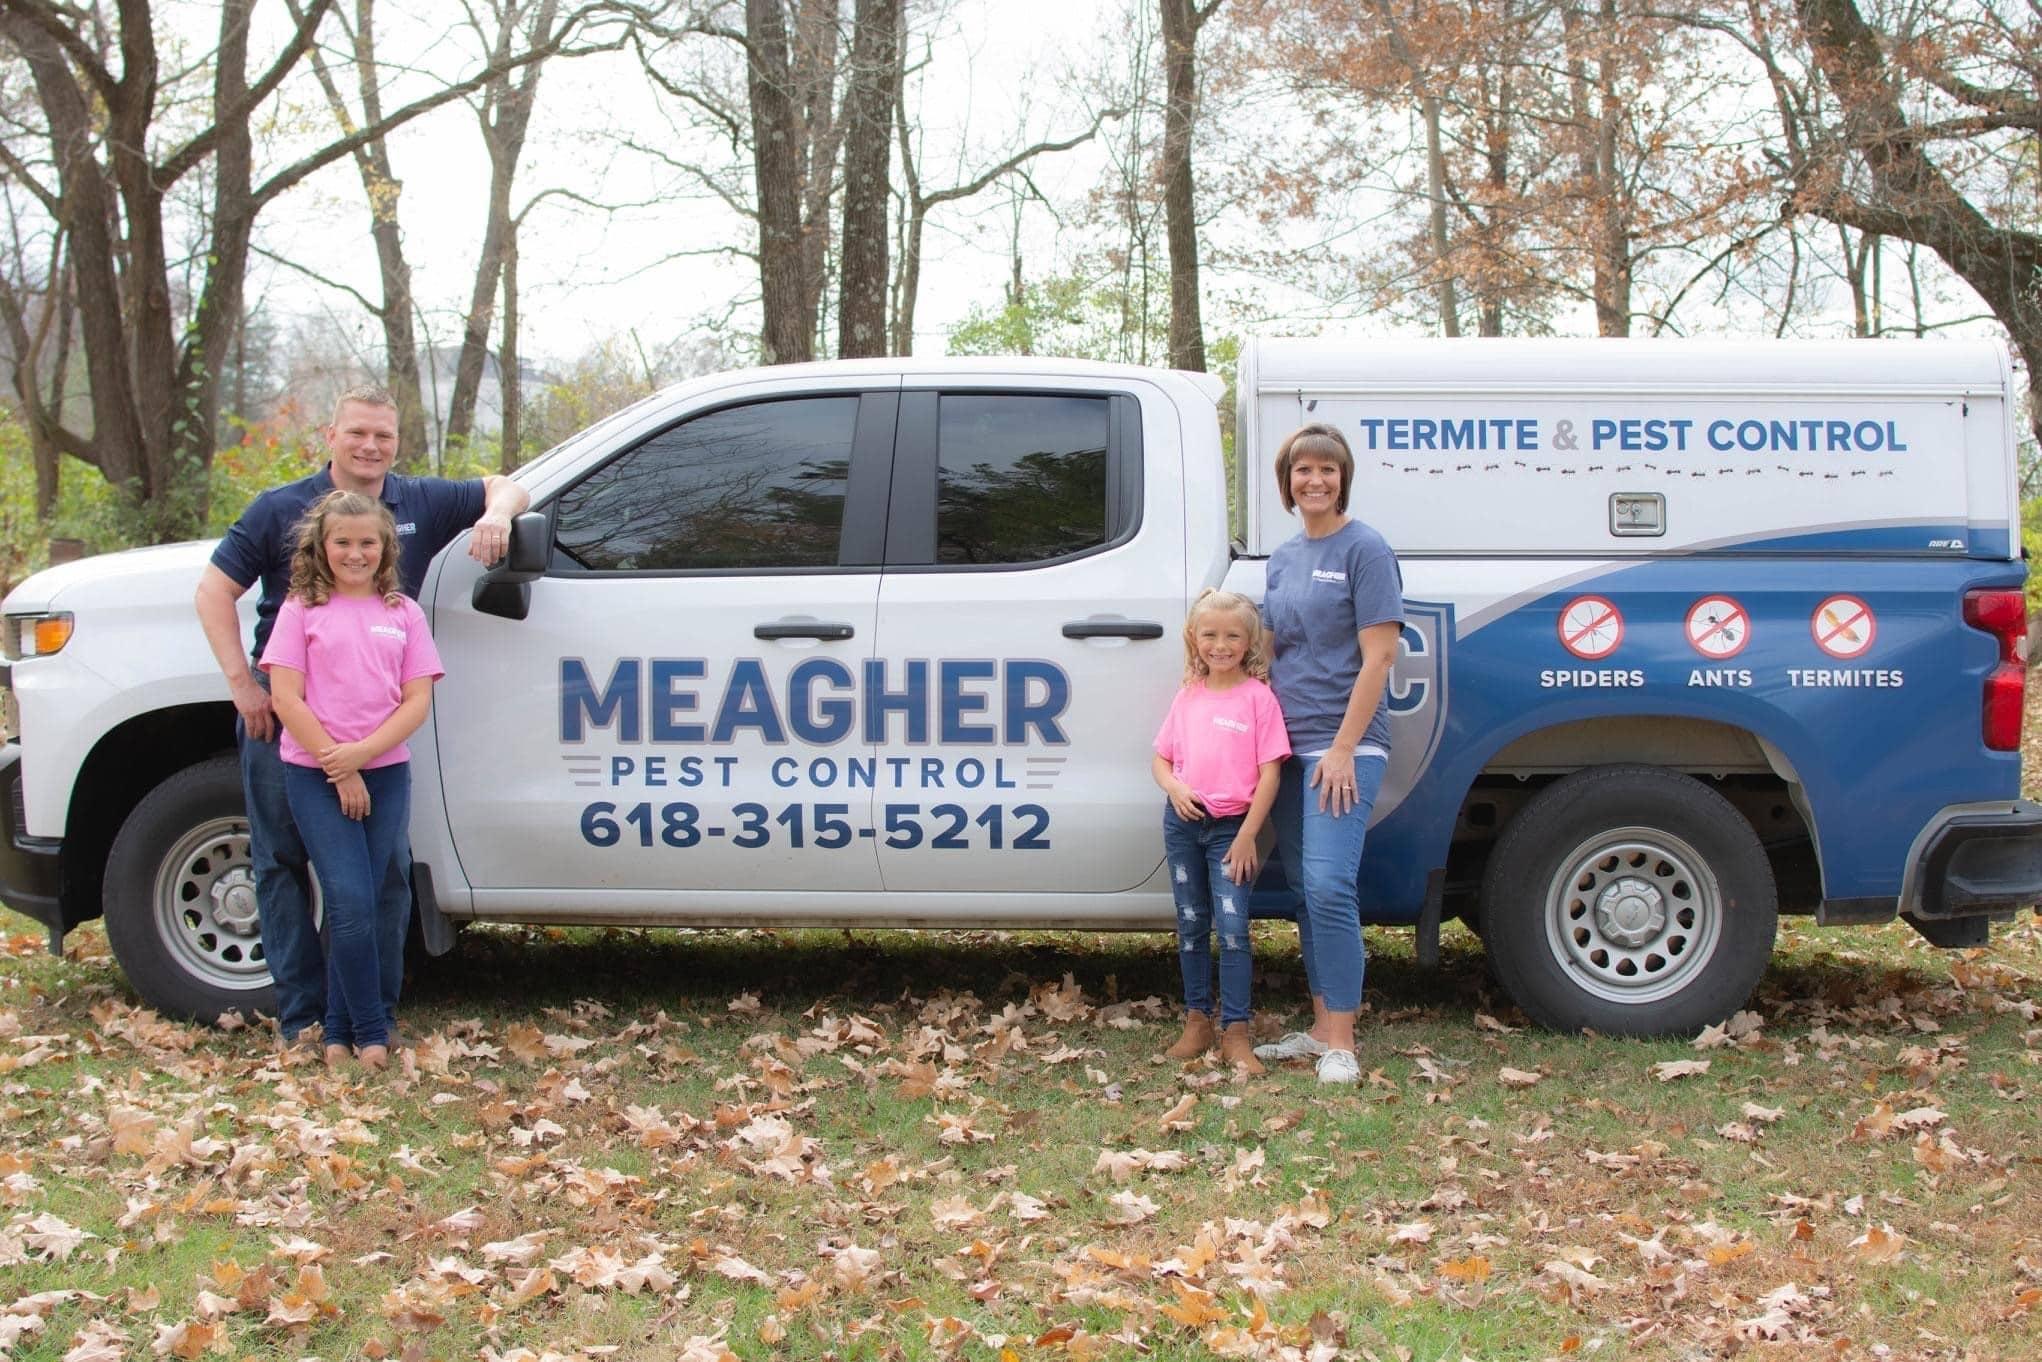 Family + Truck